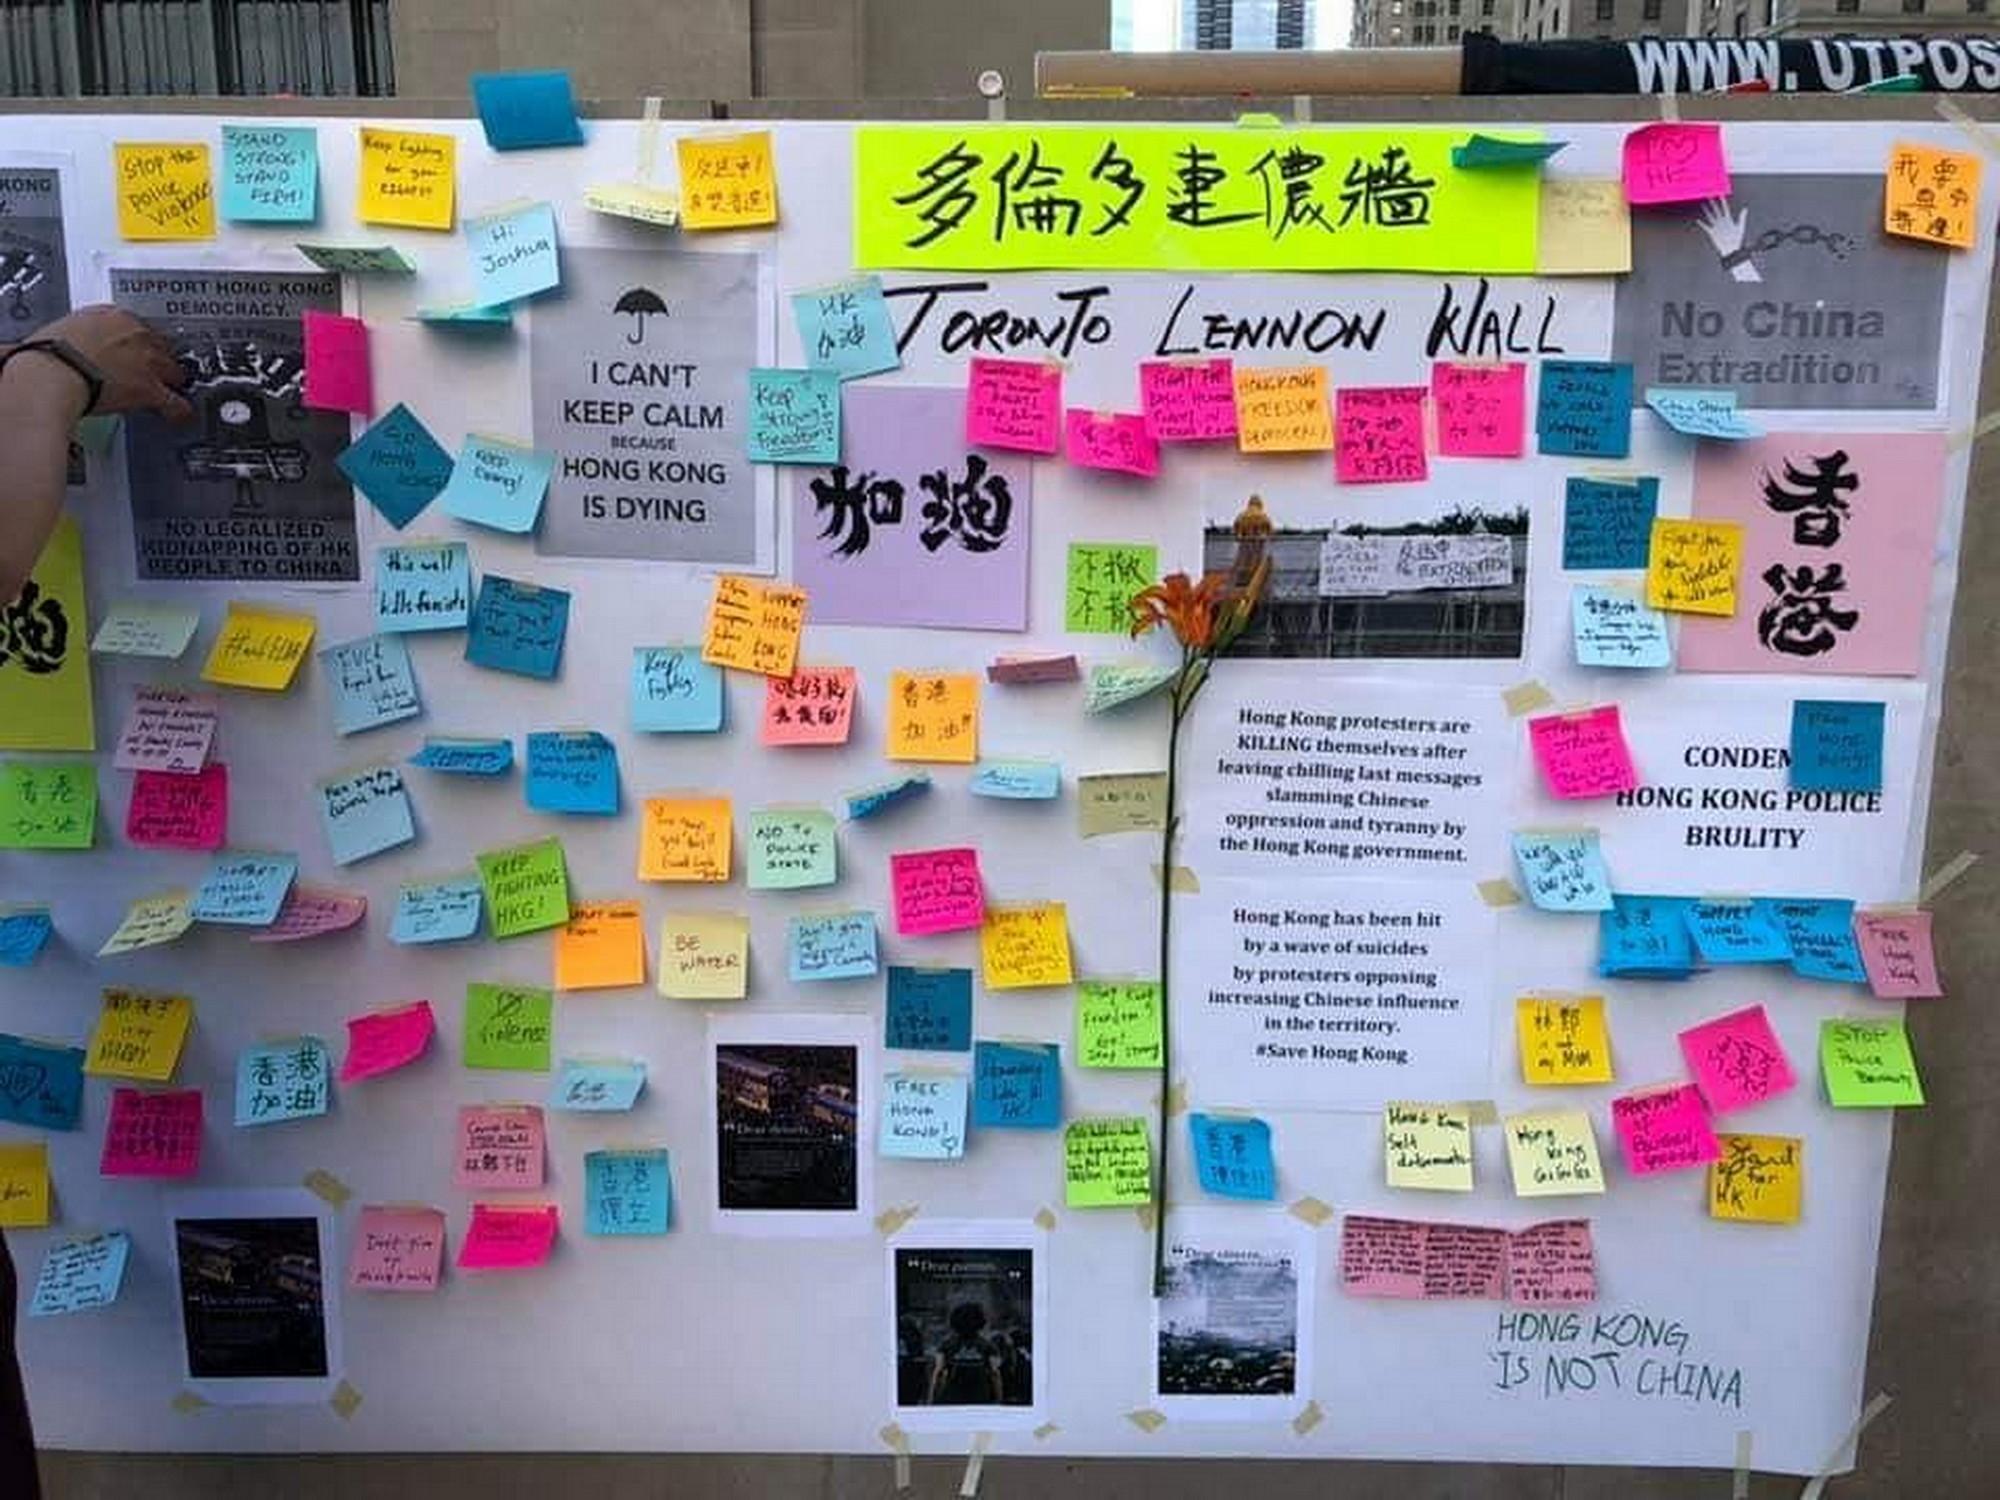 多倫多華人支持香港「反送中」運動公開信